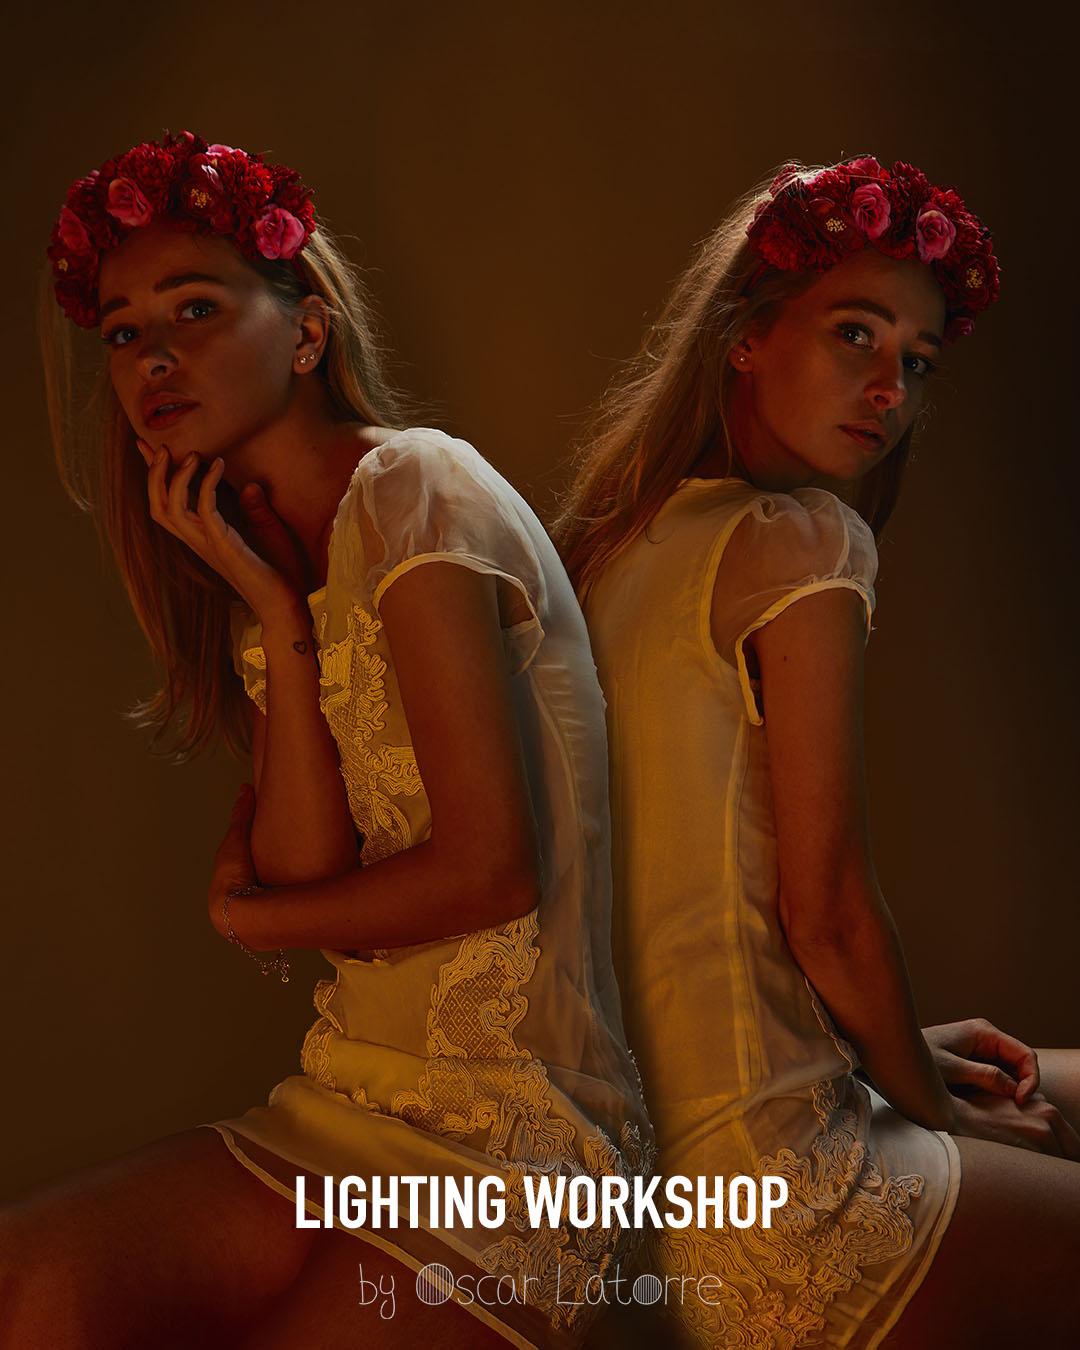 Workshop by Oscar Latorre